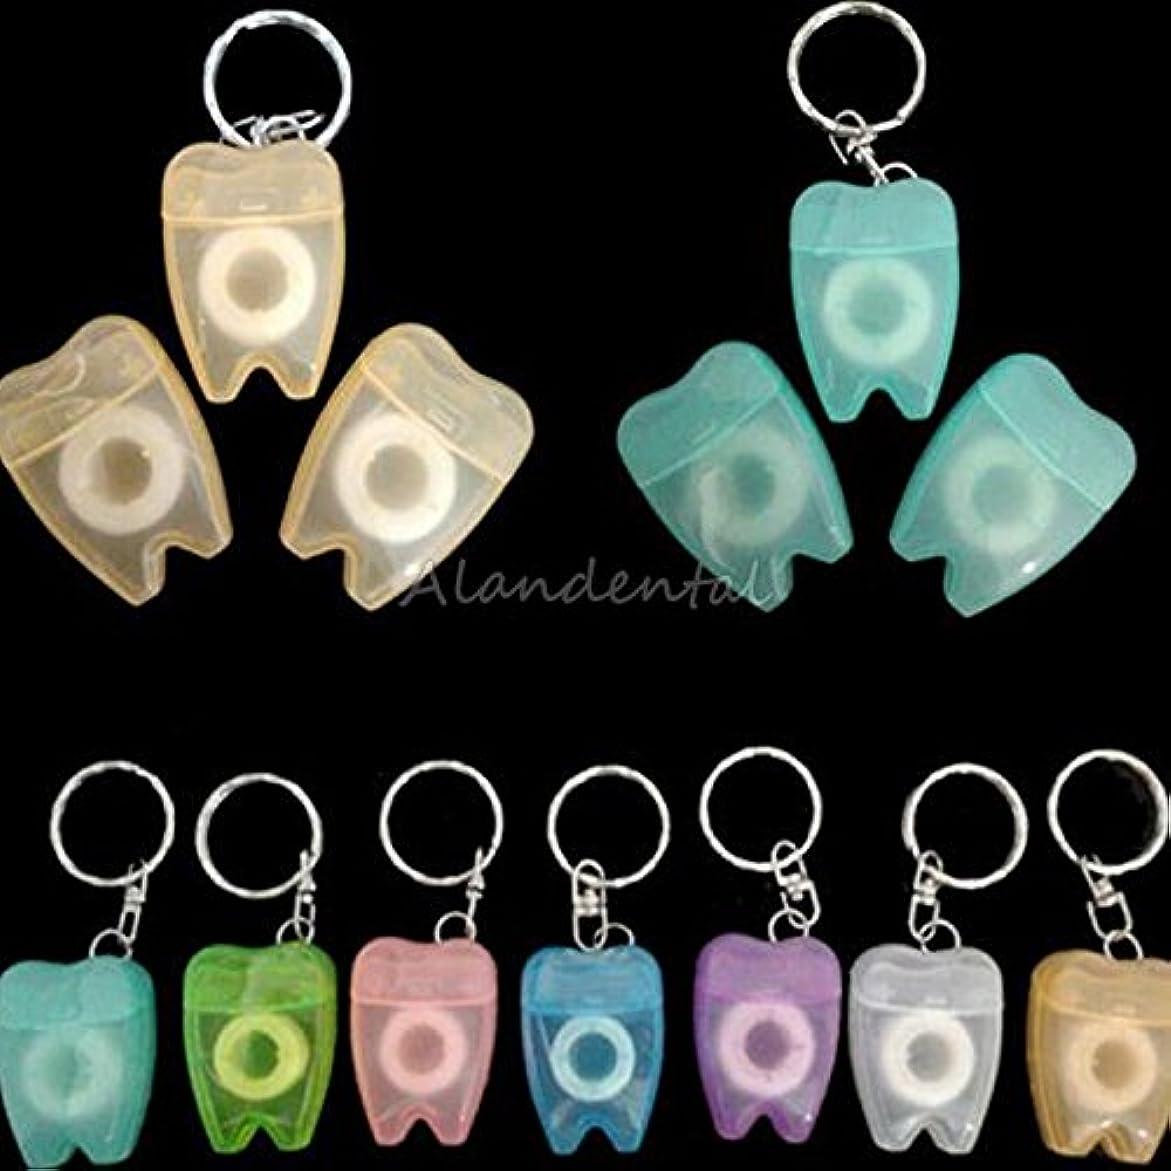 考えるサロン潜在的なALAN 10個歯科糸ようじミニ口腔健康デンタルフロスキーホルダー歯科クリニック贈り物 プレゼント 15メートル